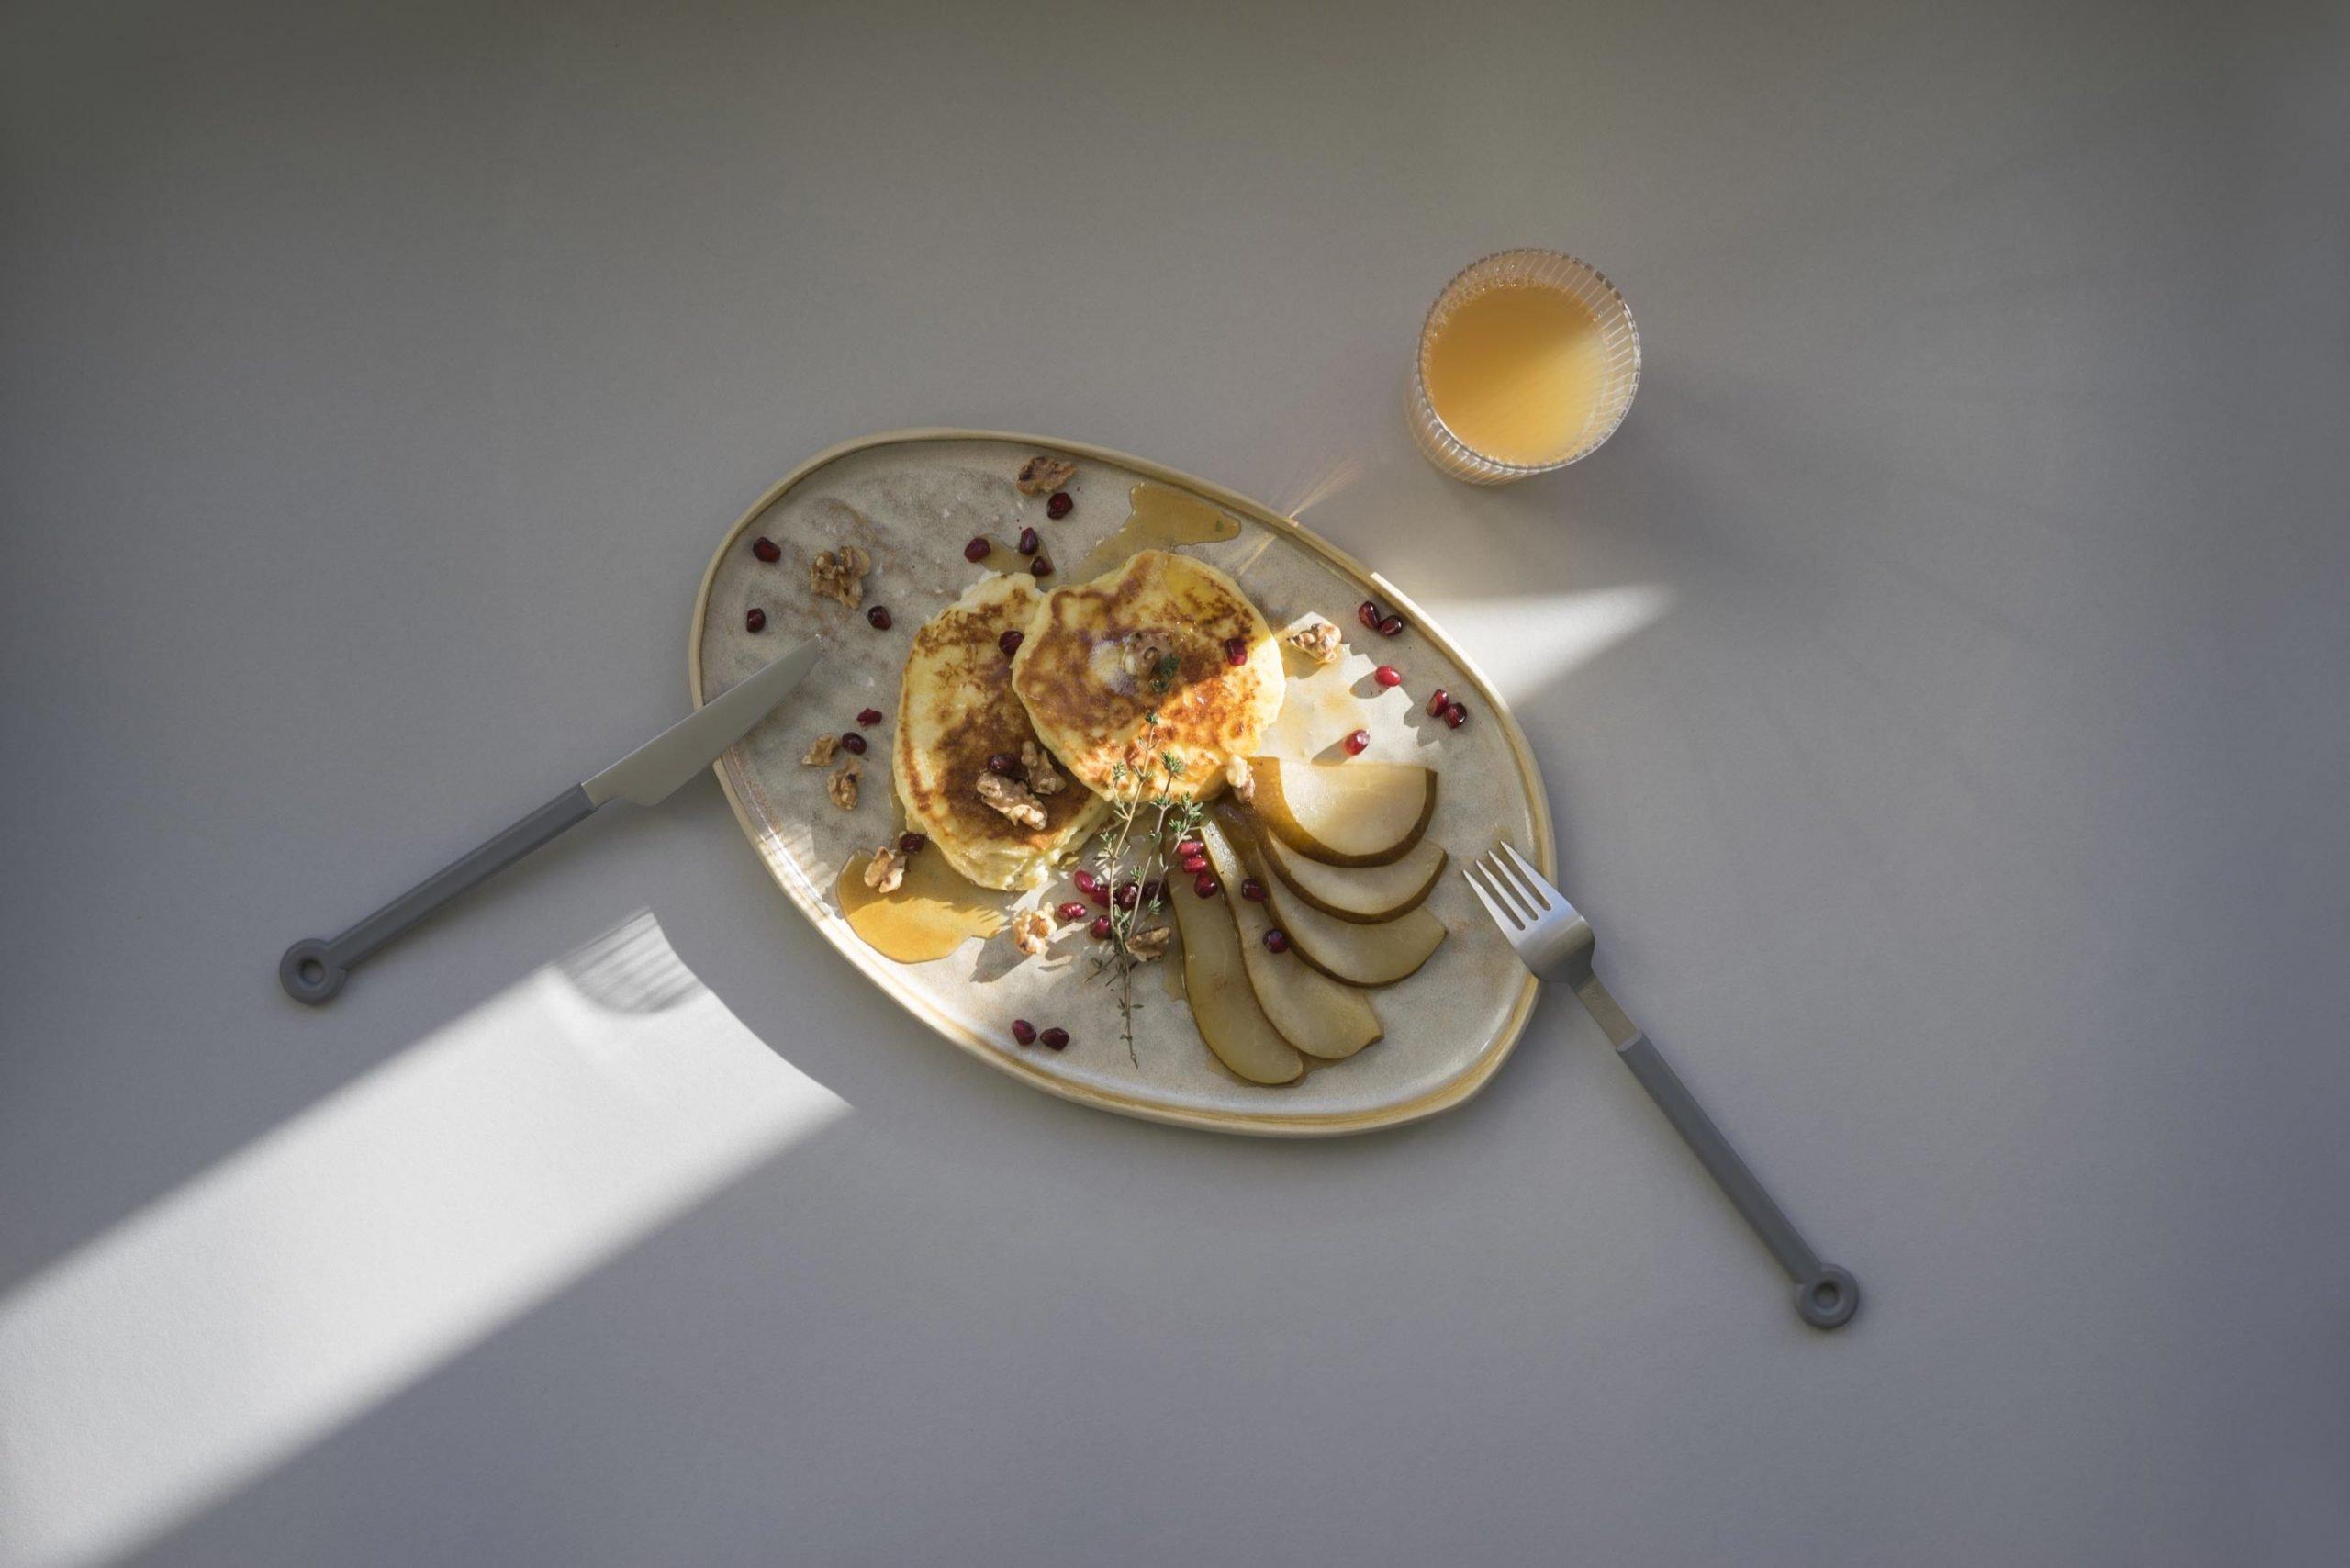 Luftiger Ricotta-Pfannkuchen mit frischem Saft